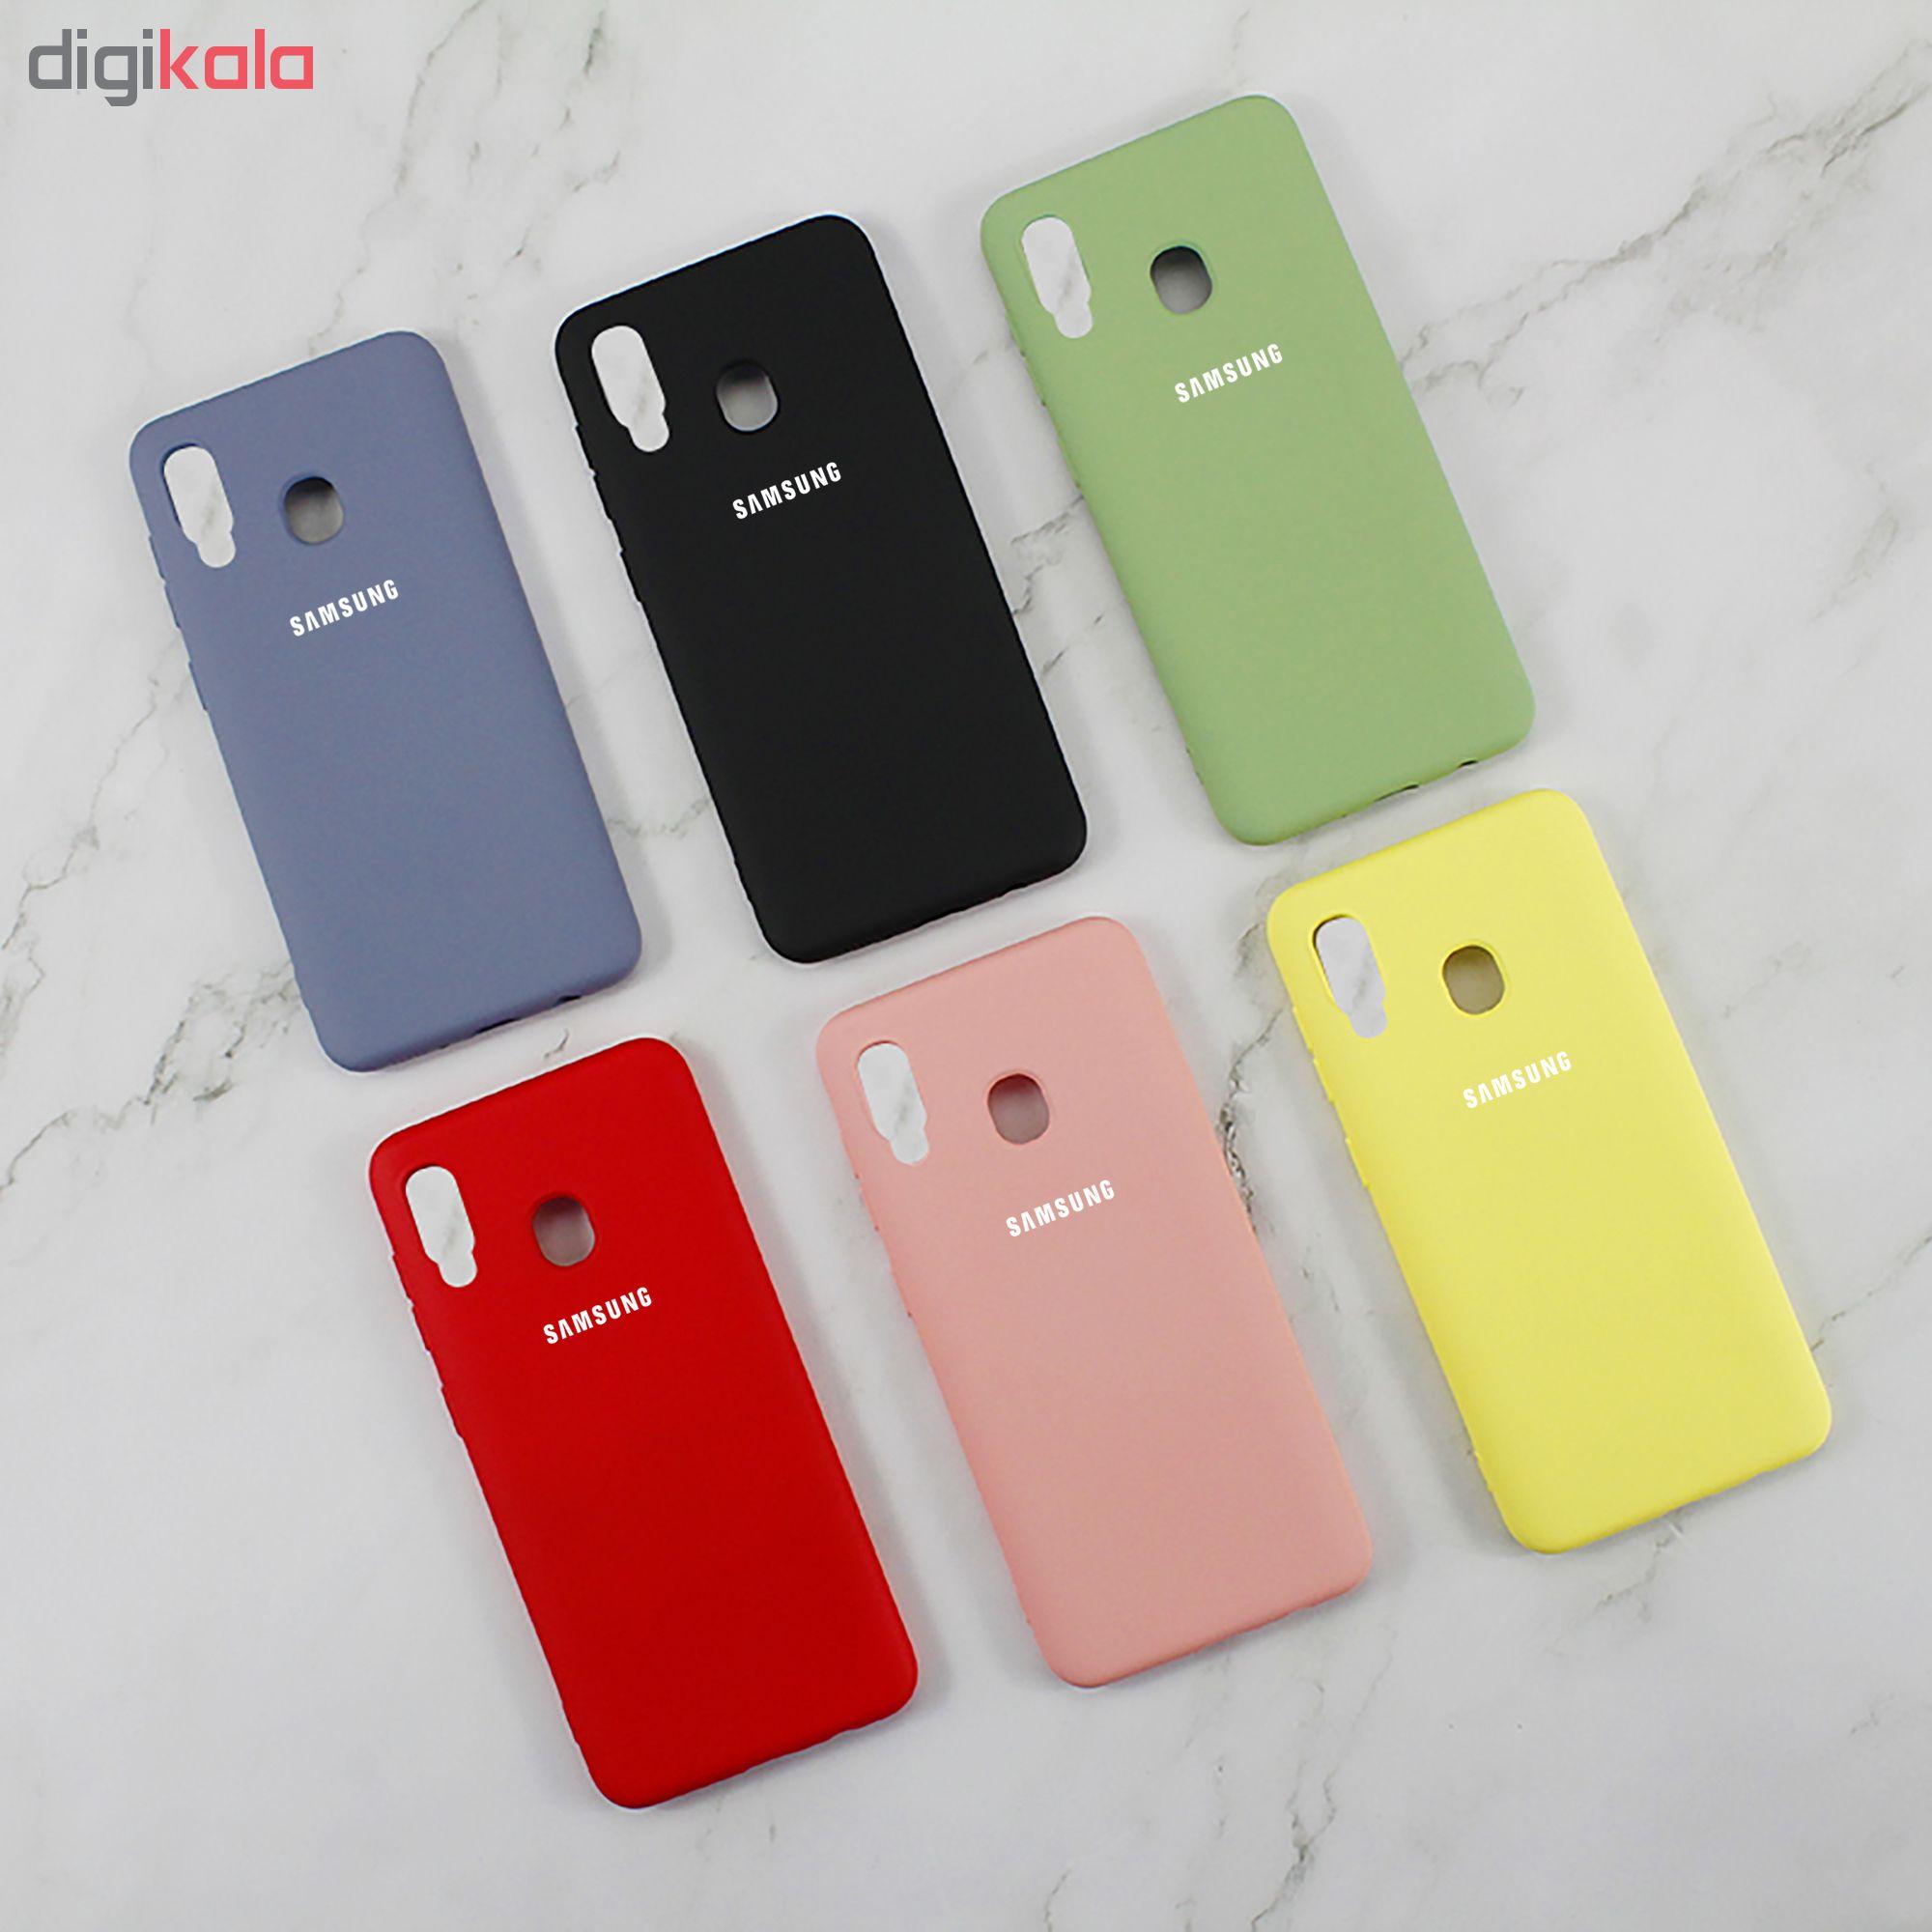 کاور مدل Silc مناسب برای گوشی موبایل سامسونگ Galaxy A10S main 1 14